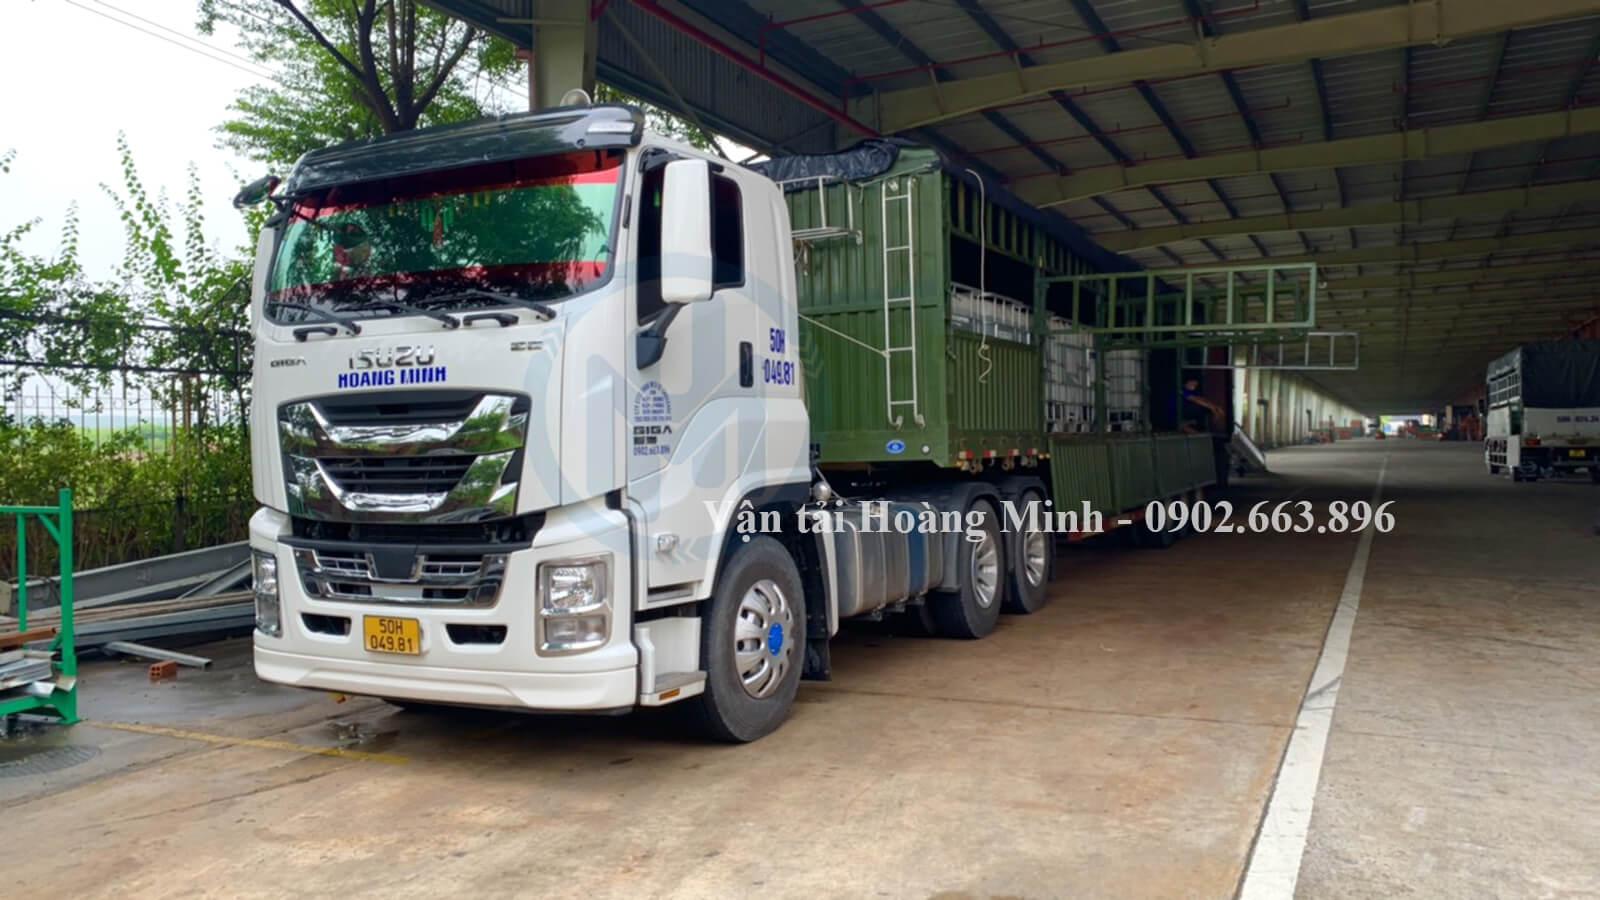 cho thuê xe tải chở hàng hoá đi tỉnh giá tốt